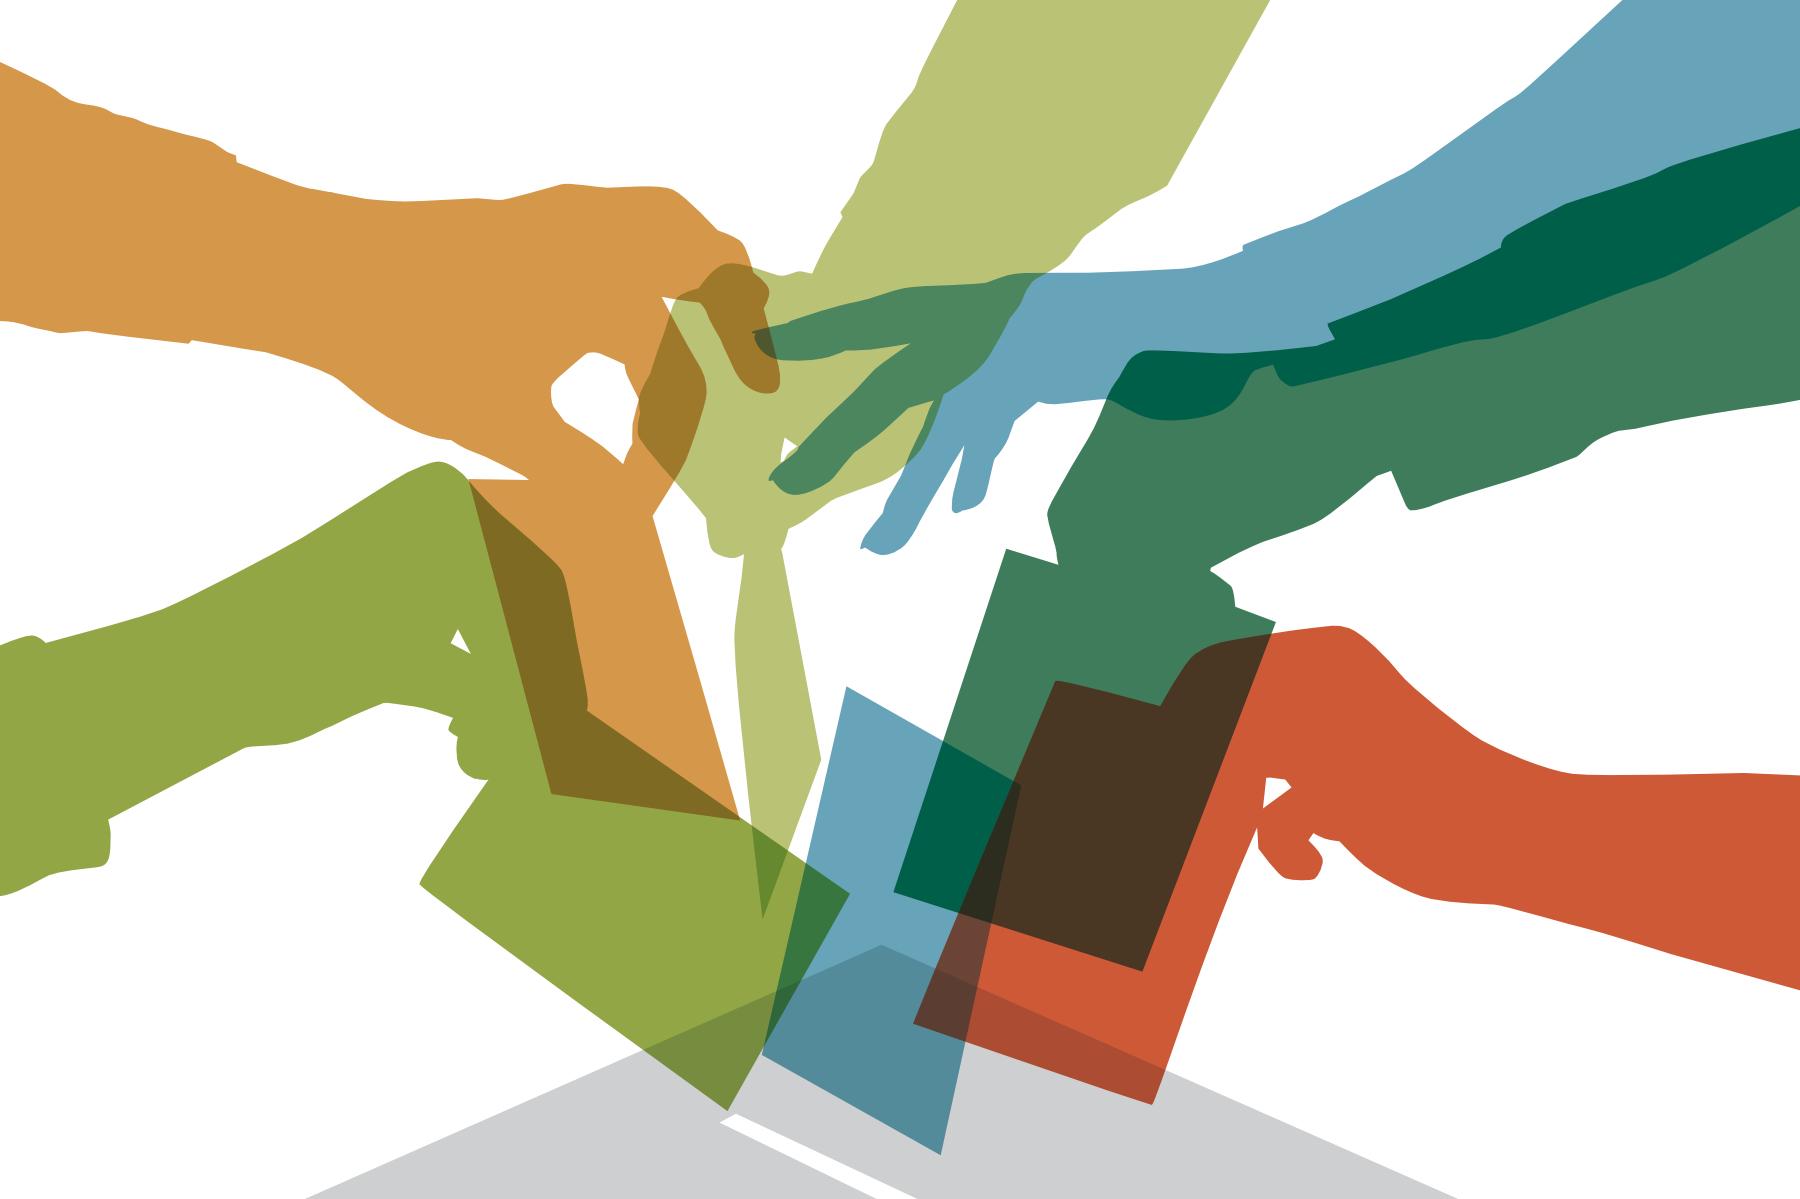 """Eine Grafik mit vielen Bunten Händen, die Wahlzettel in eine Urne werfen. Darunter steht: """"Du darfst das erste Mal wählen? Werde Erstwahlhelfer*in!"""" © Haus Rissen, 2021"""